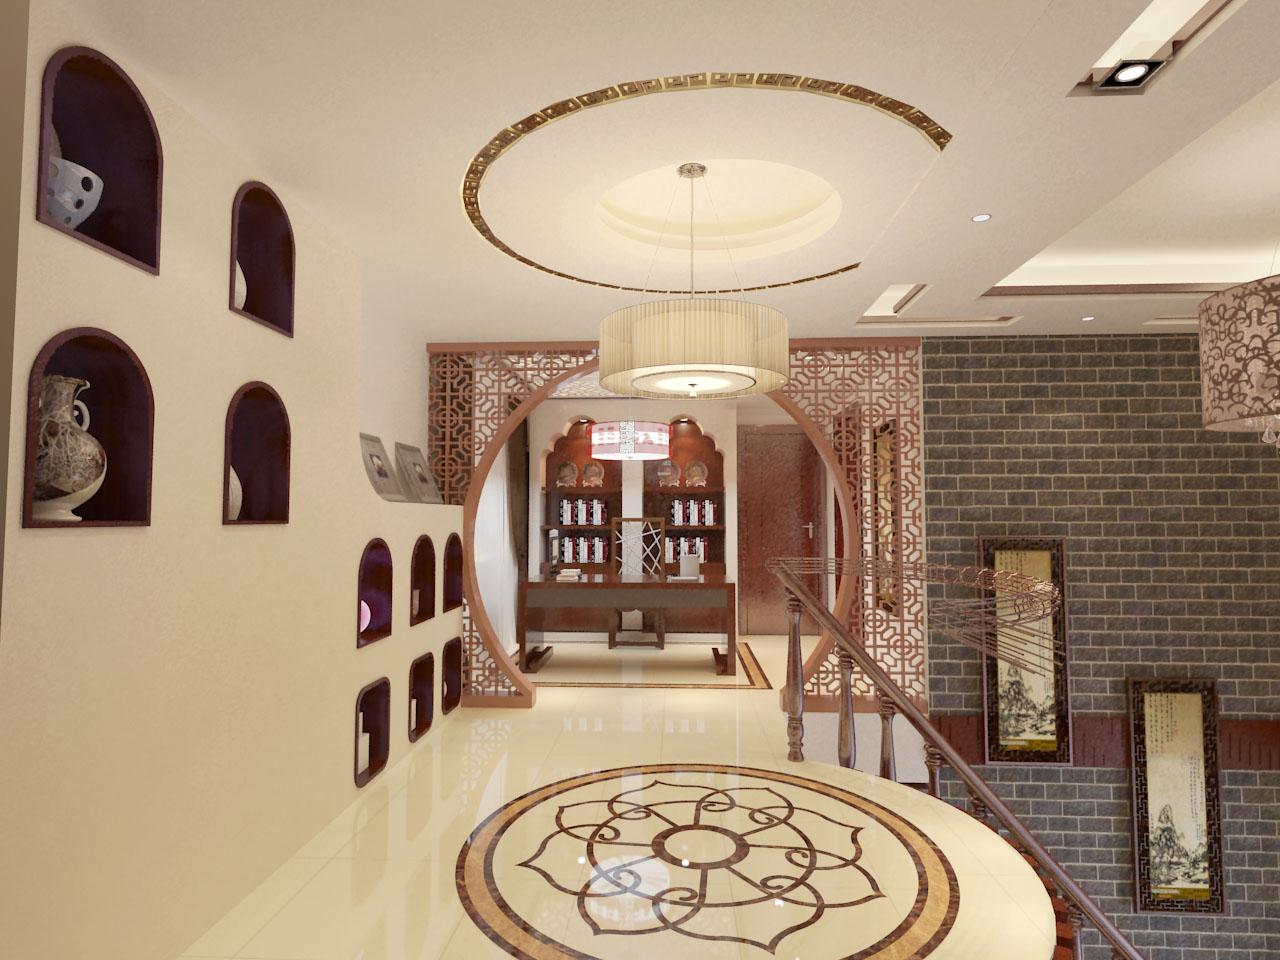 中式 三居 客厅 卧室 厨房 餐厅 白领 晋级装饰图片来自晋级装饰东方在最爱中国风古典文化气息屡绝不断的分享